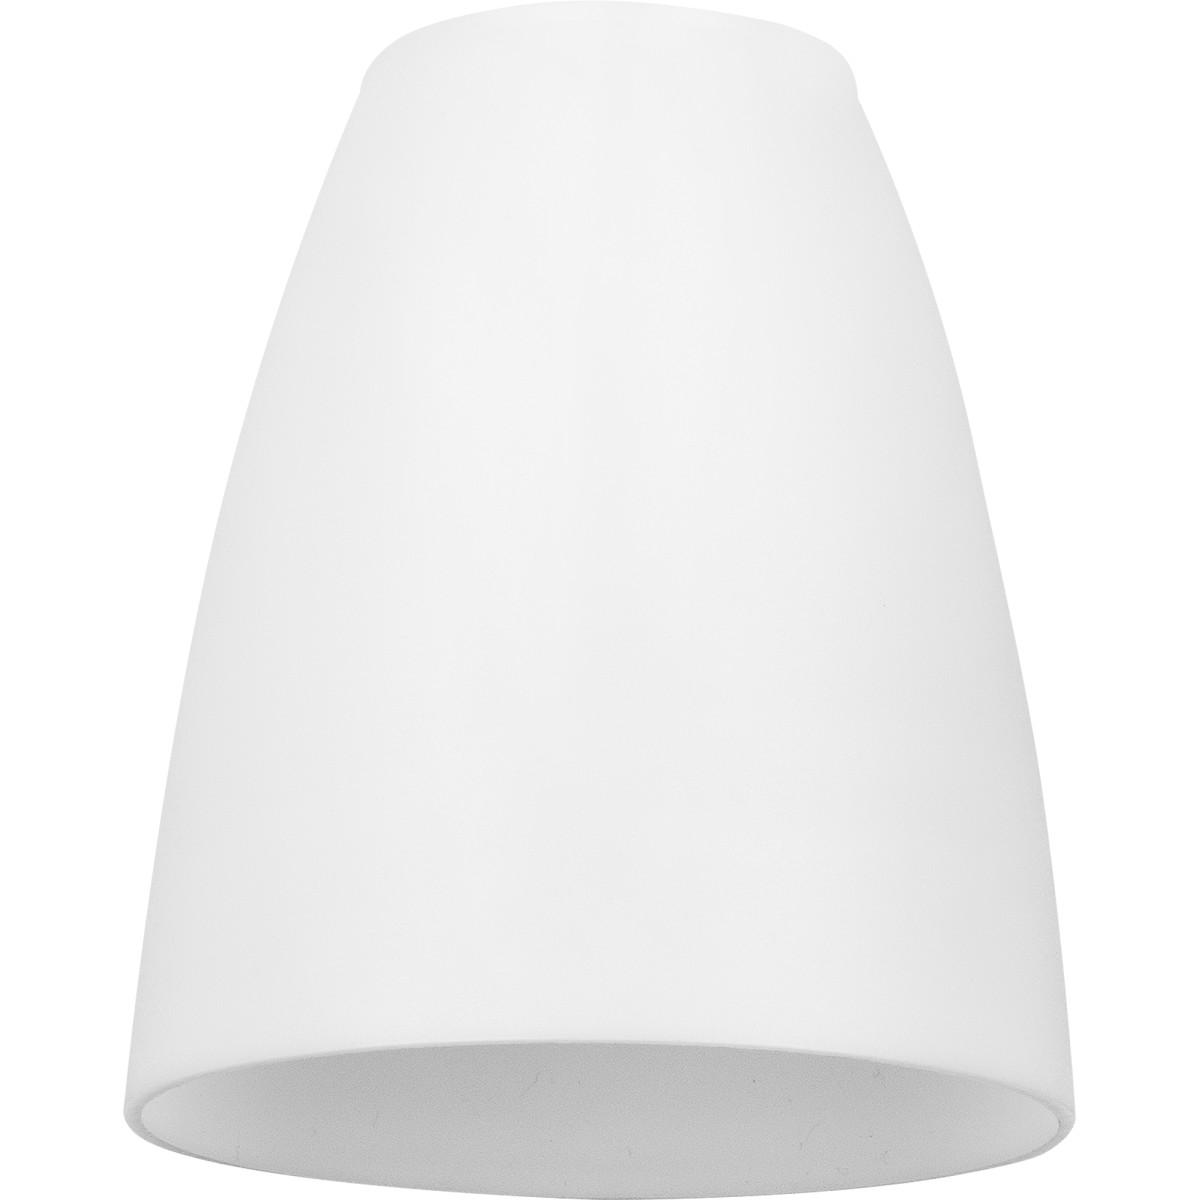 Плафон VL0079 Е14 40 Вт пластик цвет белый